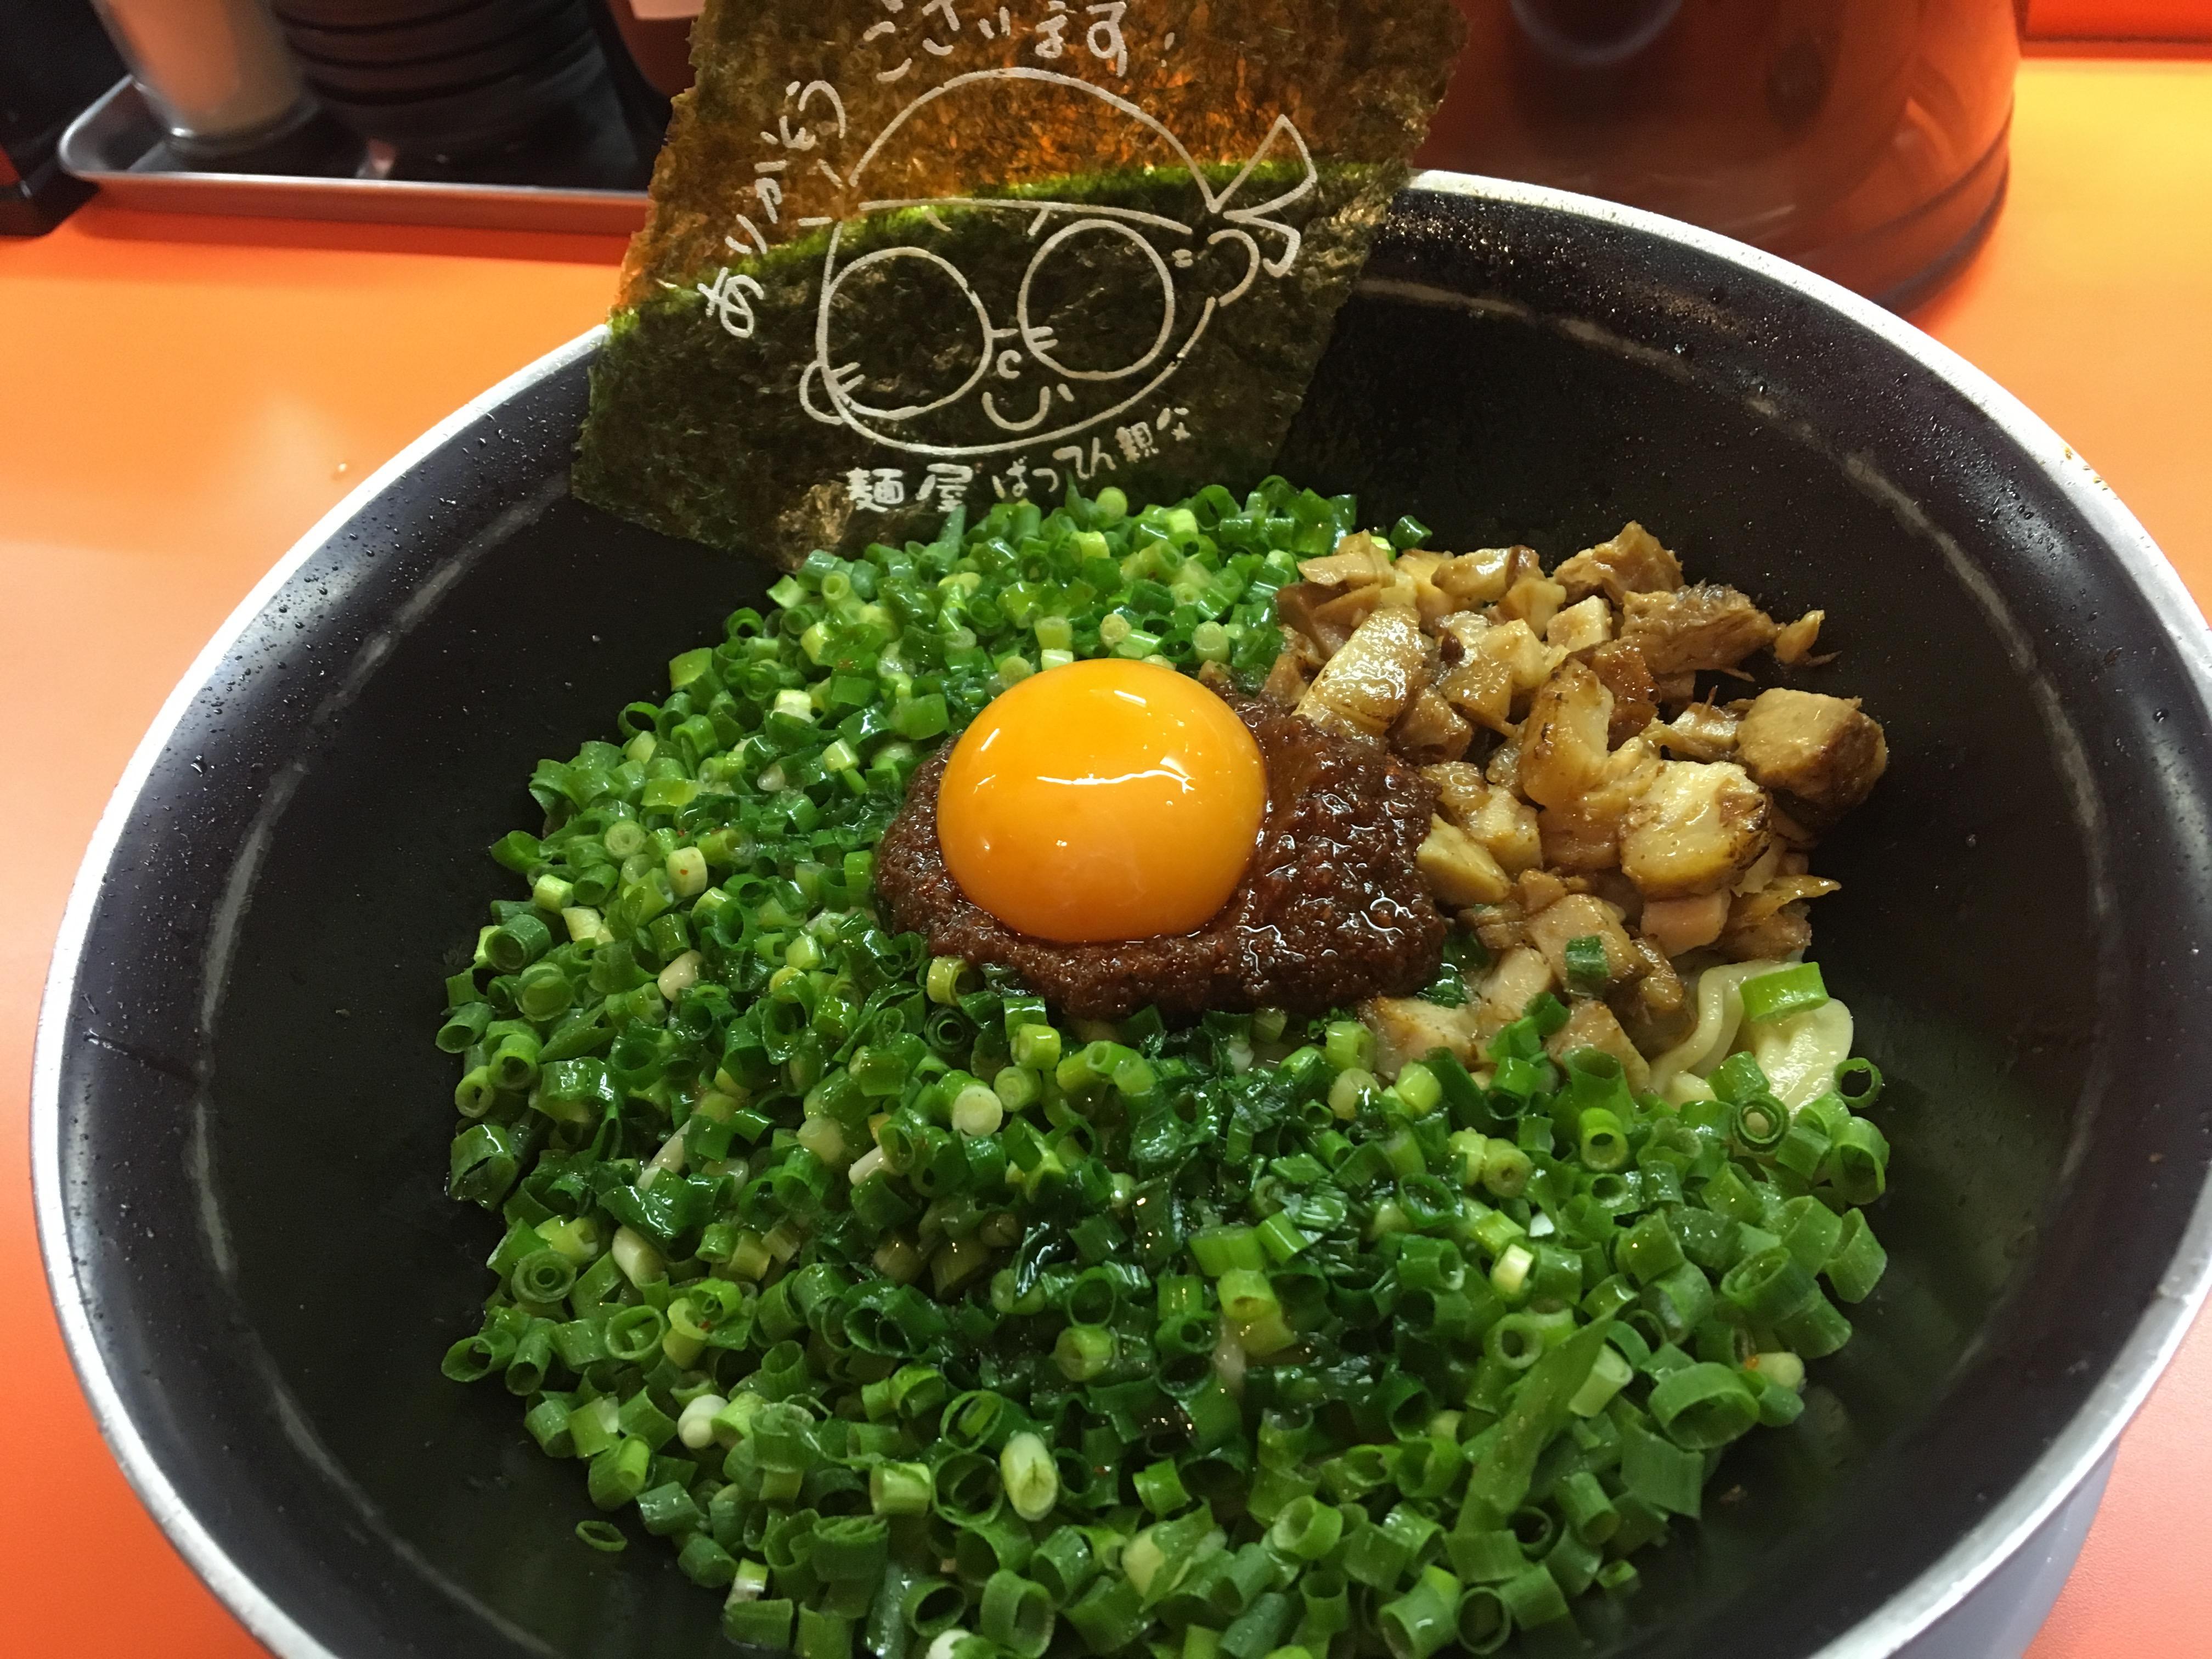 【全部食いたかった】鹿児島市麺屋ばってん親父のまぜそばを一口だけ食べたハナシ【majide】